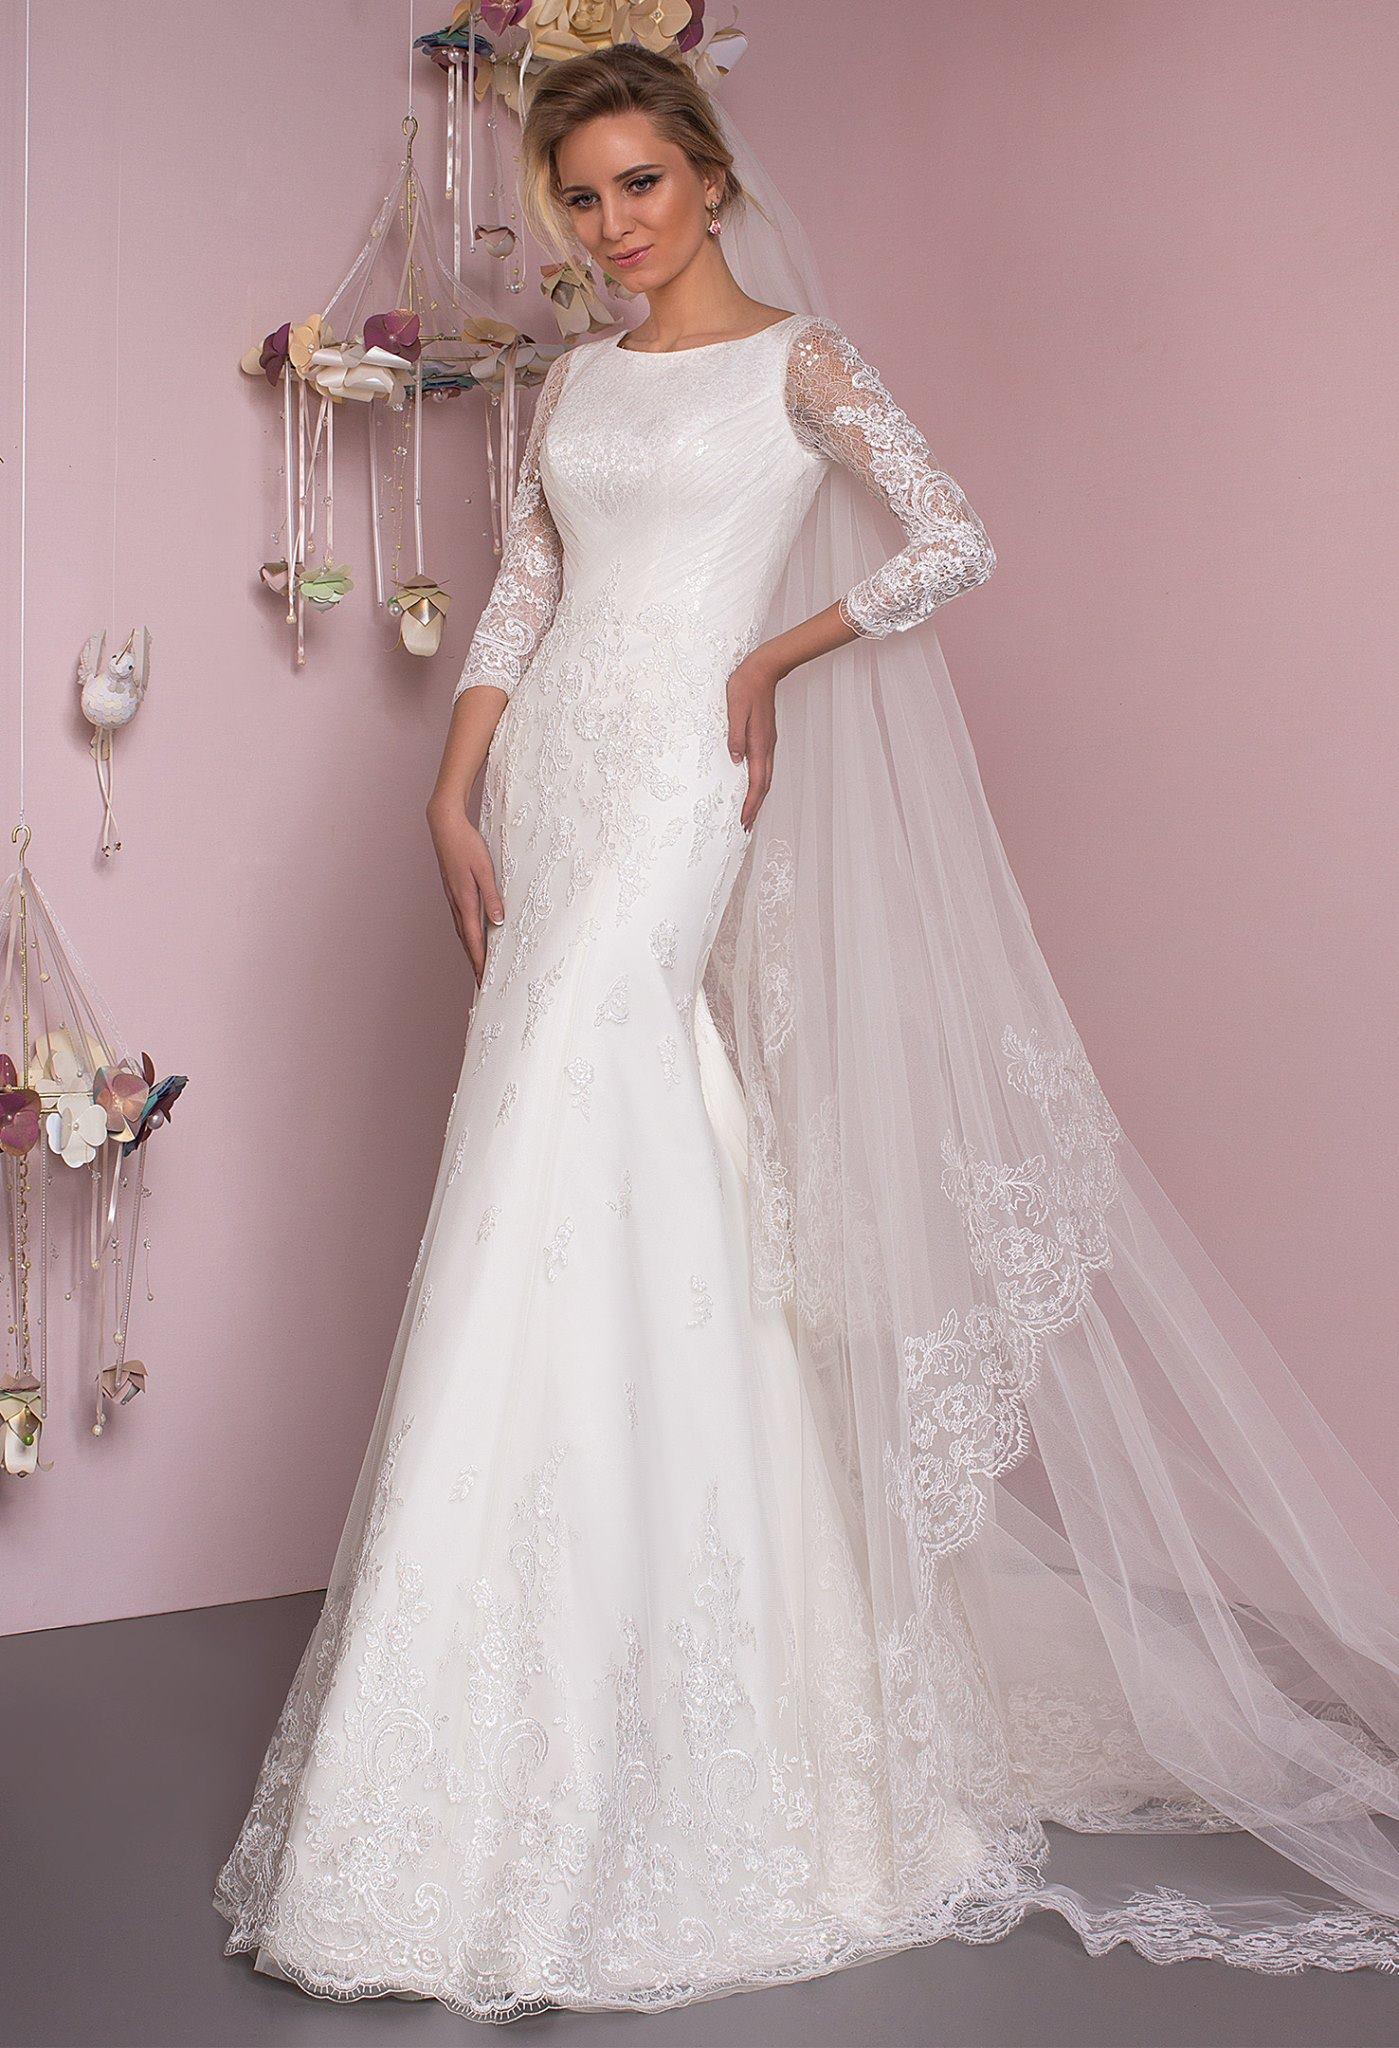 Wedding dress $400, size 6